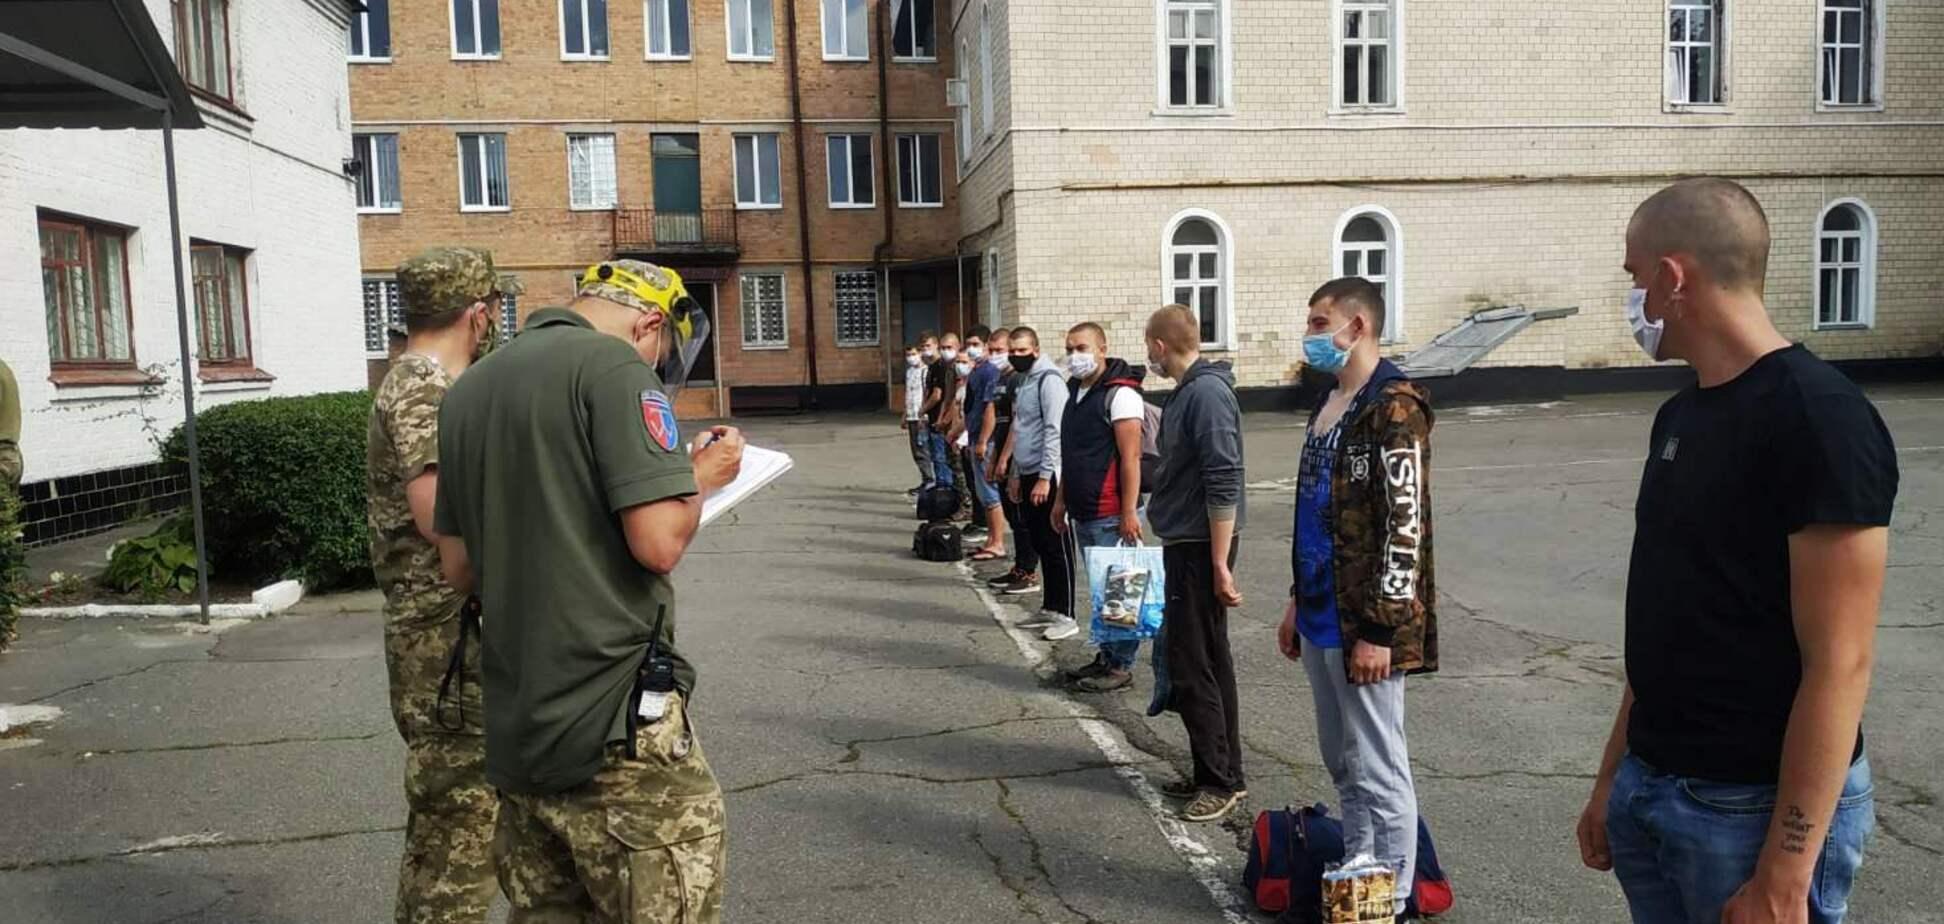 Київські студенти розповіли, що їх незаконно утримують у військкоматі і хочуть відправити до армії